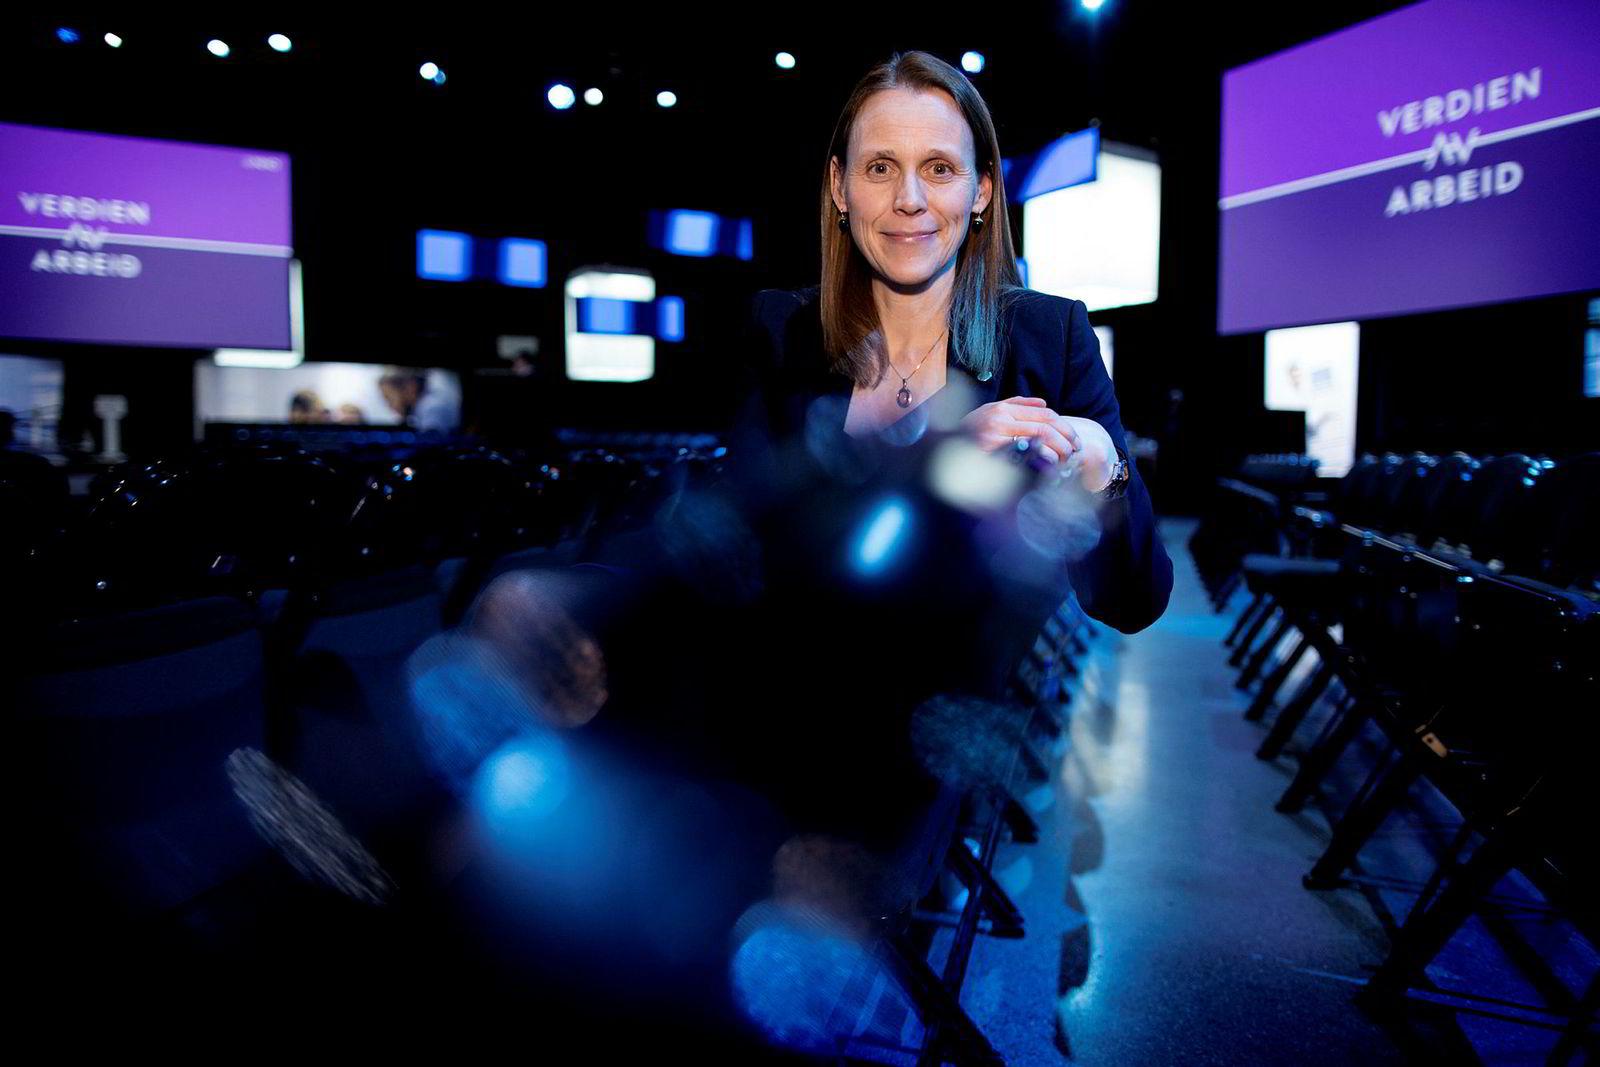 Tekna-president Lise Lyngsnes Randeberg kan glede seg over at sivilingeniørene har hatt en solid lønnsvekst det siste året.